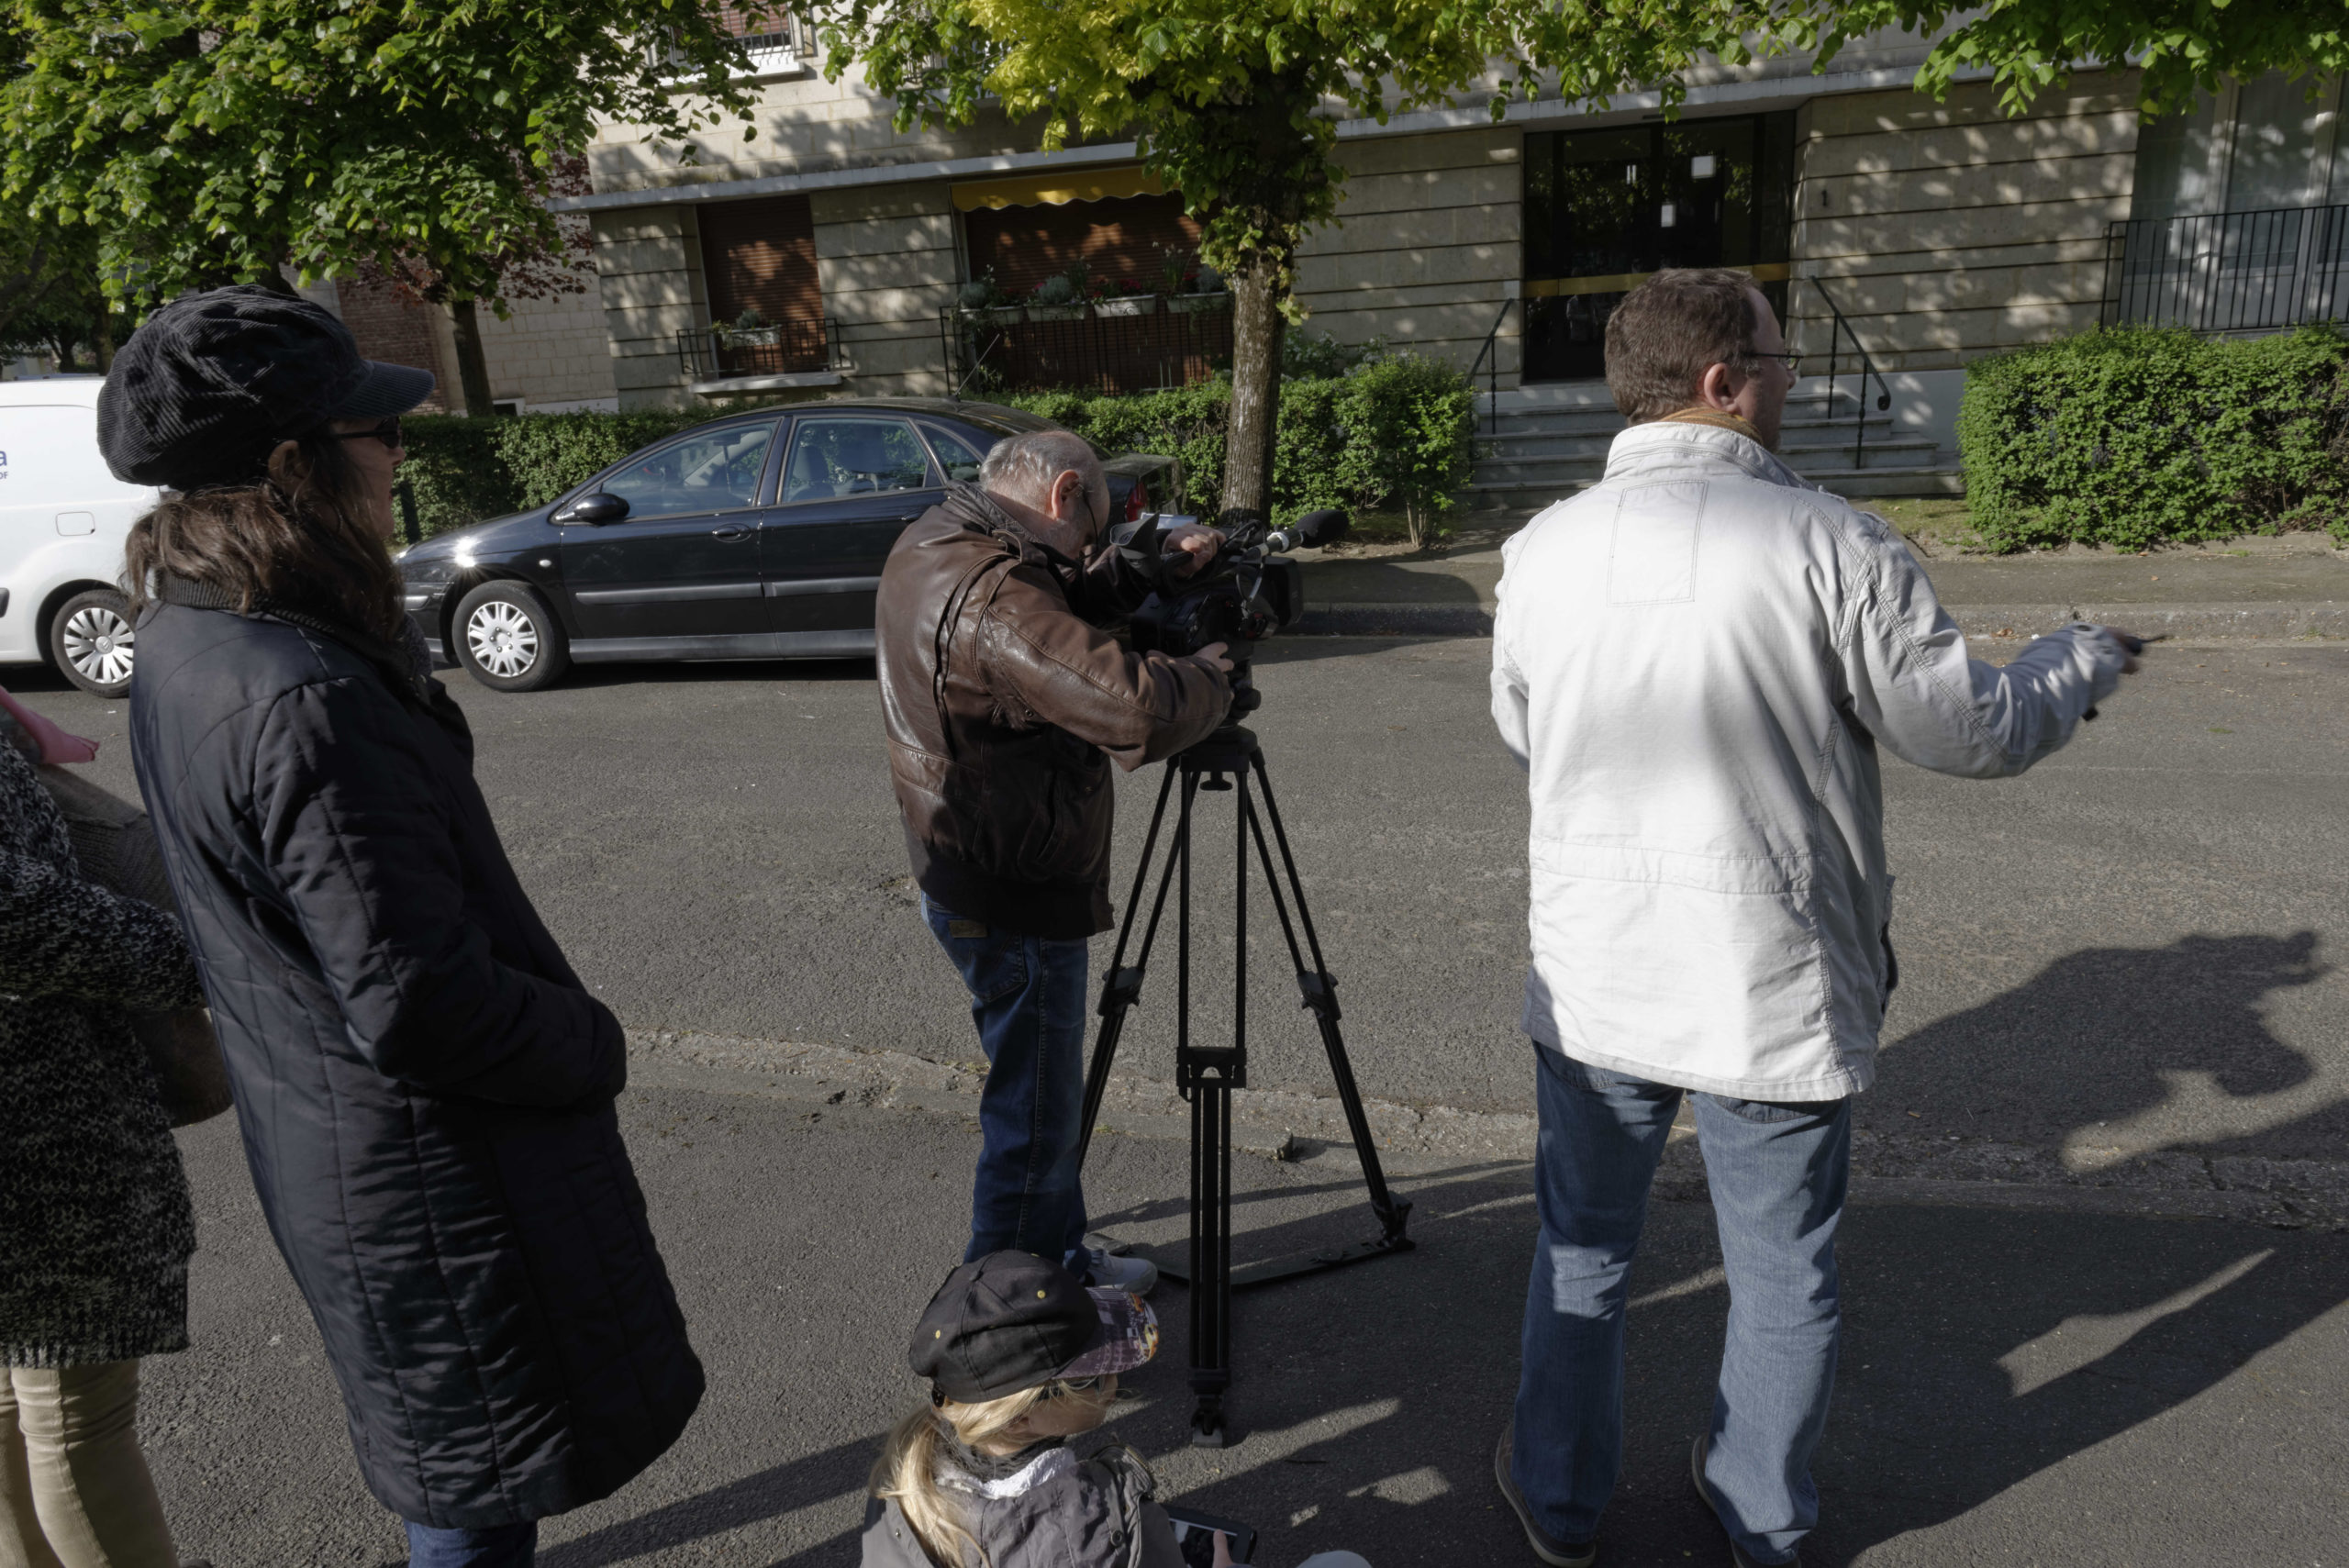 Pere et impair photos tournage 23